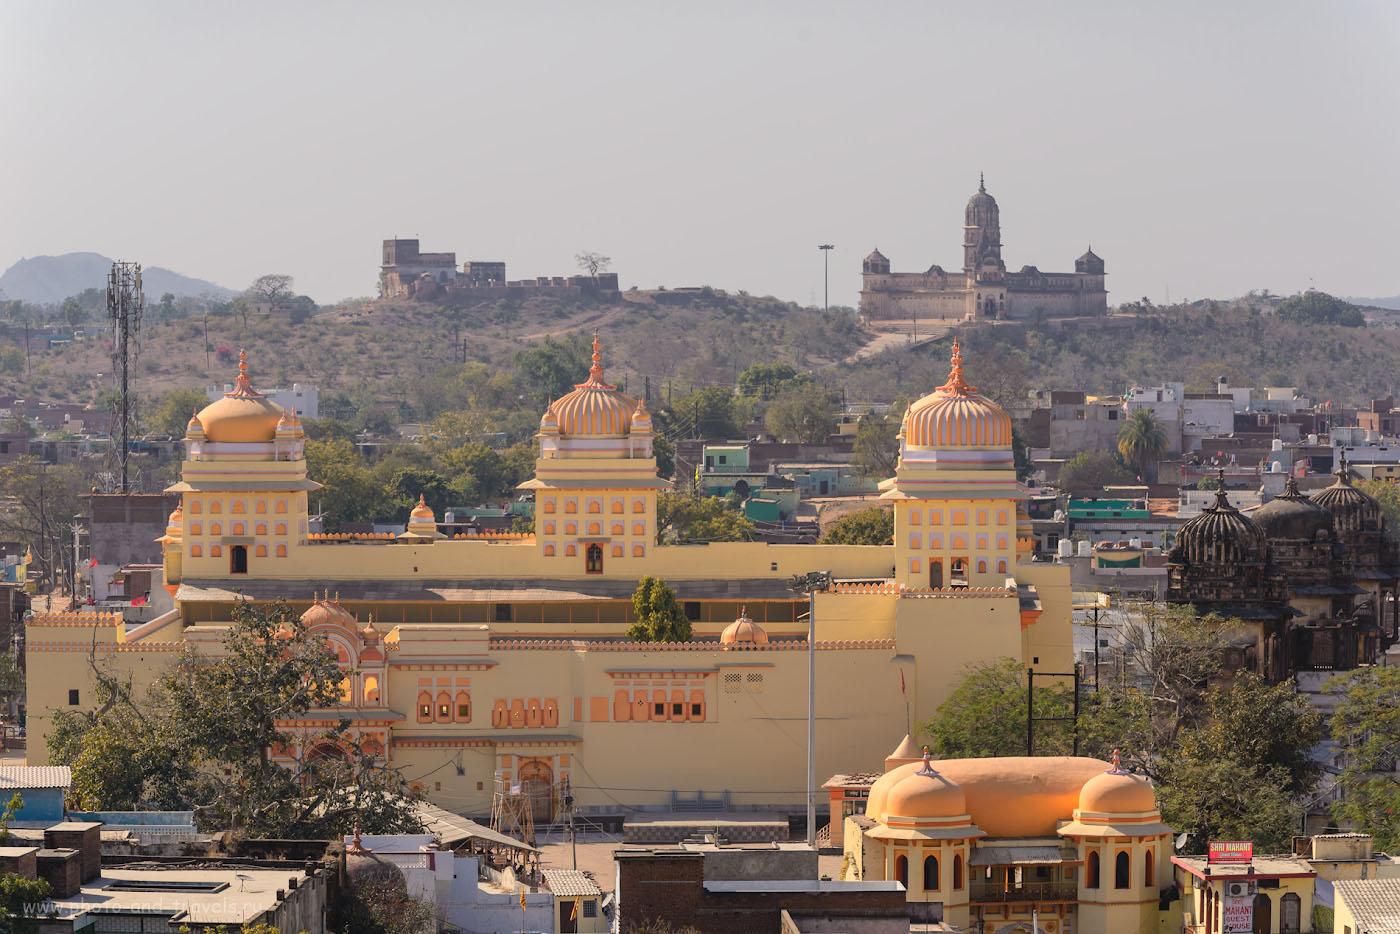 Фото 24. На долине привлекает внимание храм ЛакшмиНарайан Мандир. С него тоже хороший ракурс для съемки Орчхи на рассвете.